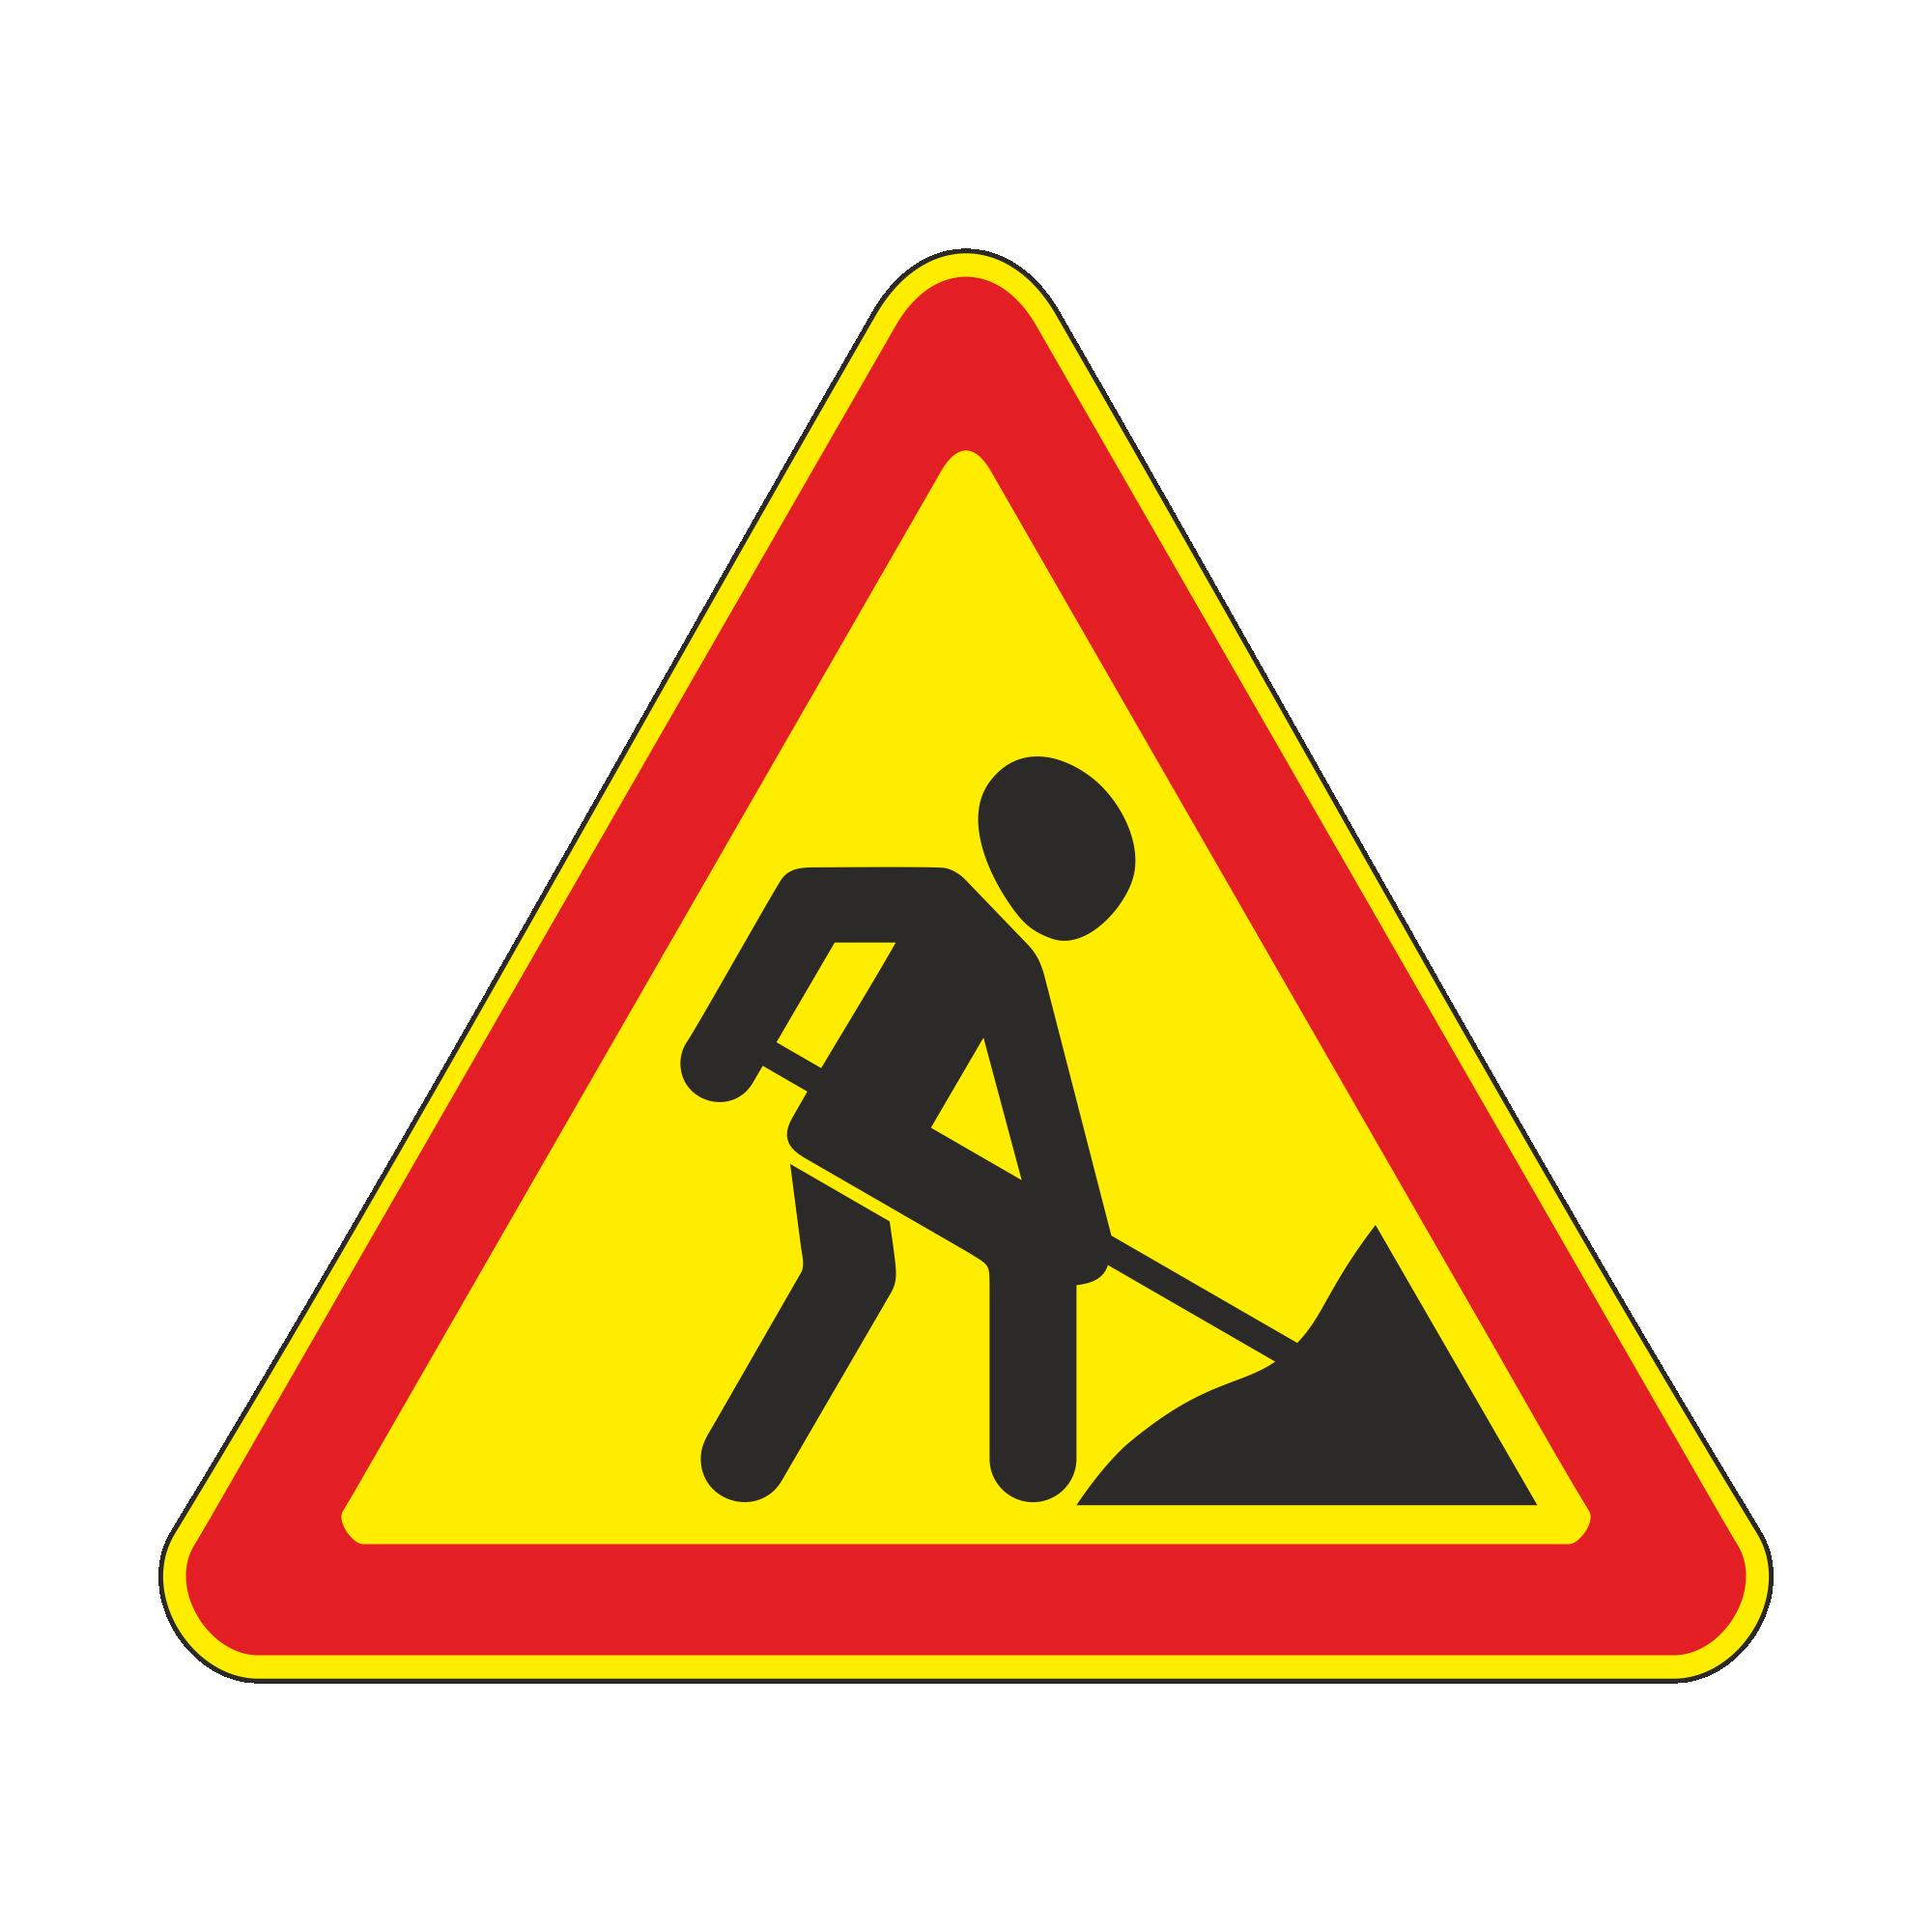 1.25 (временный) Дорожные работы [дорожный знак]